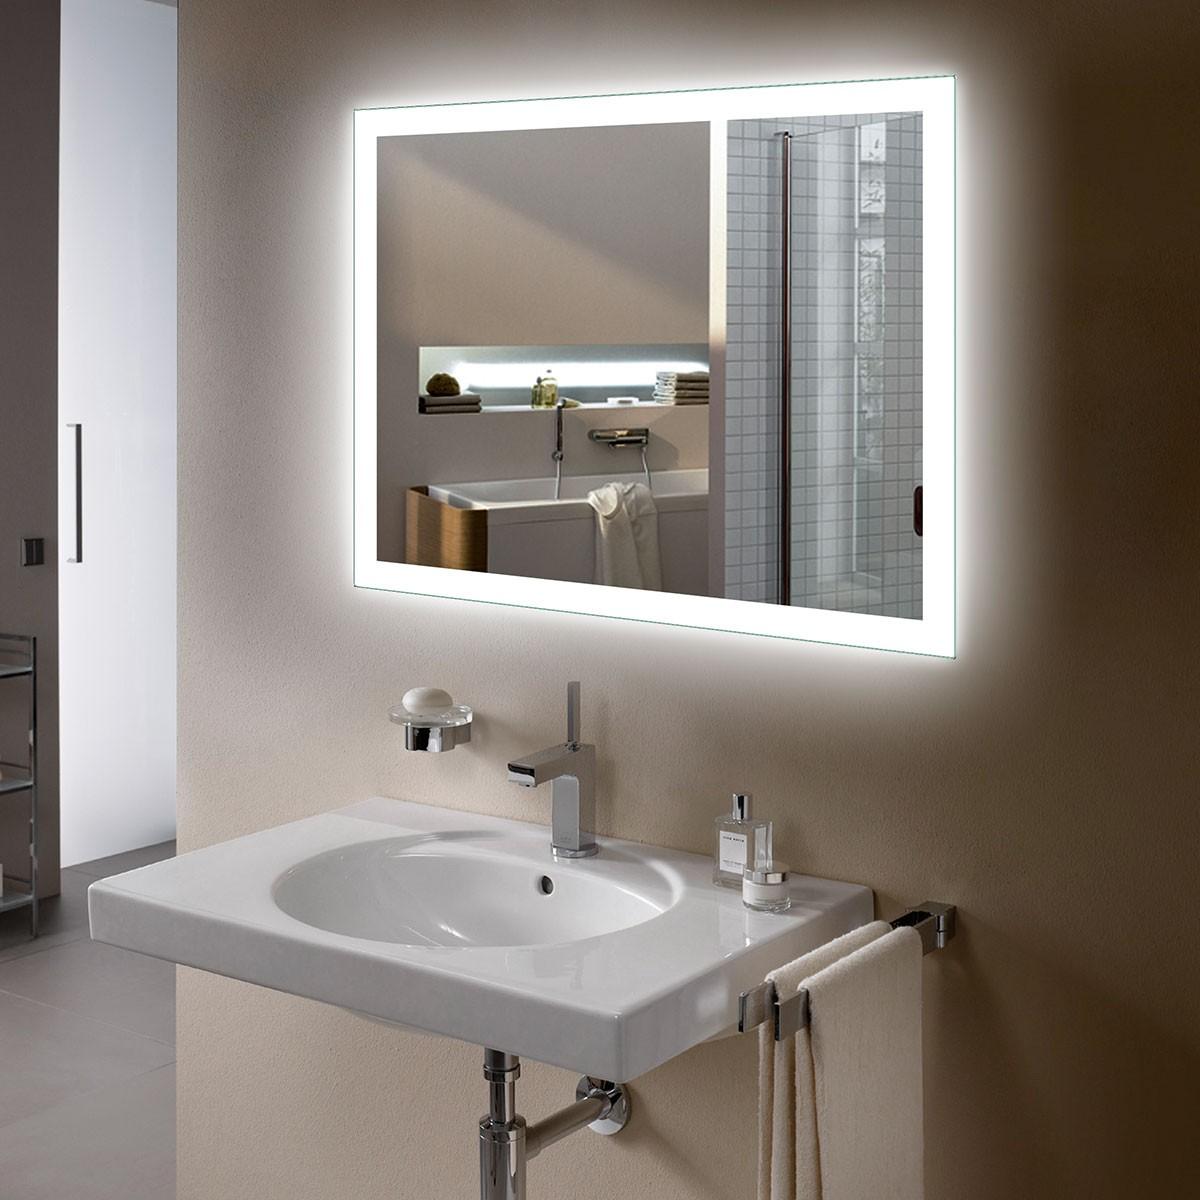 36 x 28 po miroir de salle de bain LED avec capteur infrarouge (DK-OD-N031-IG)